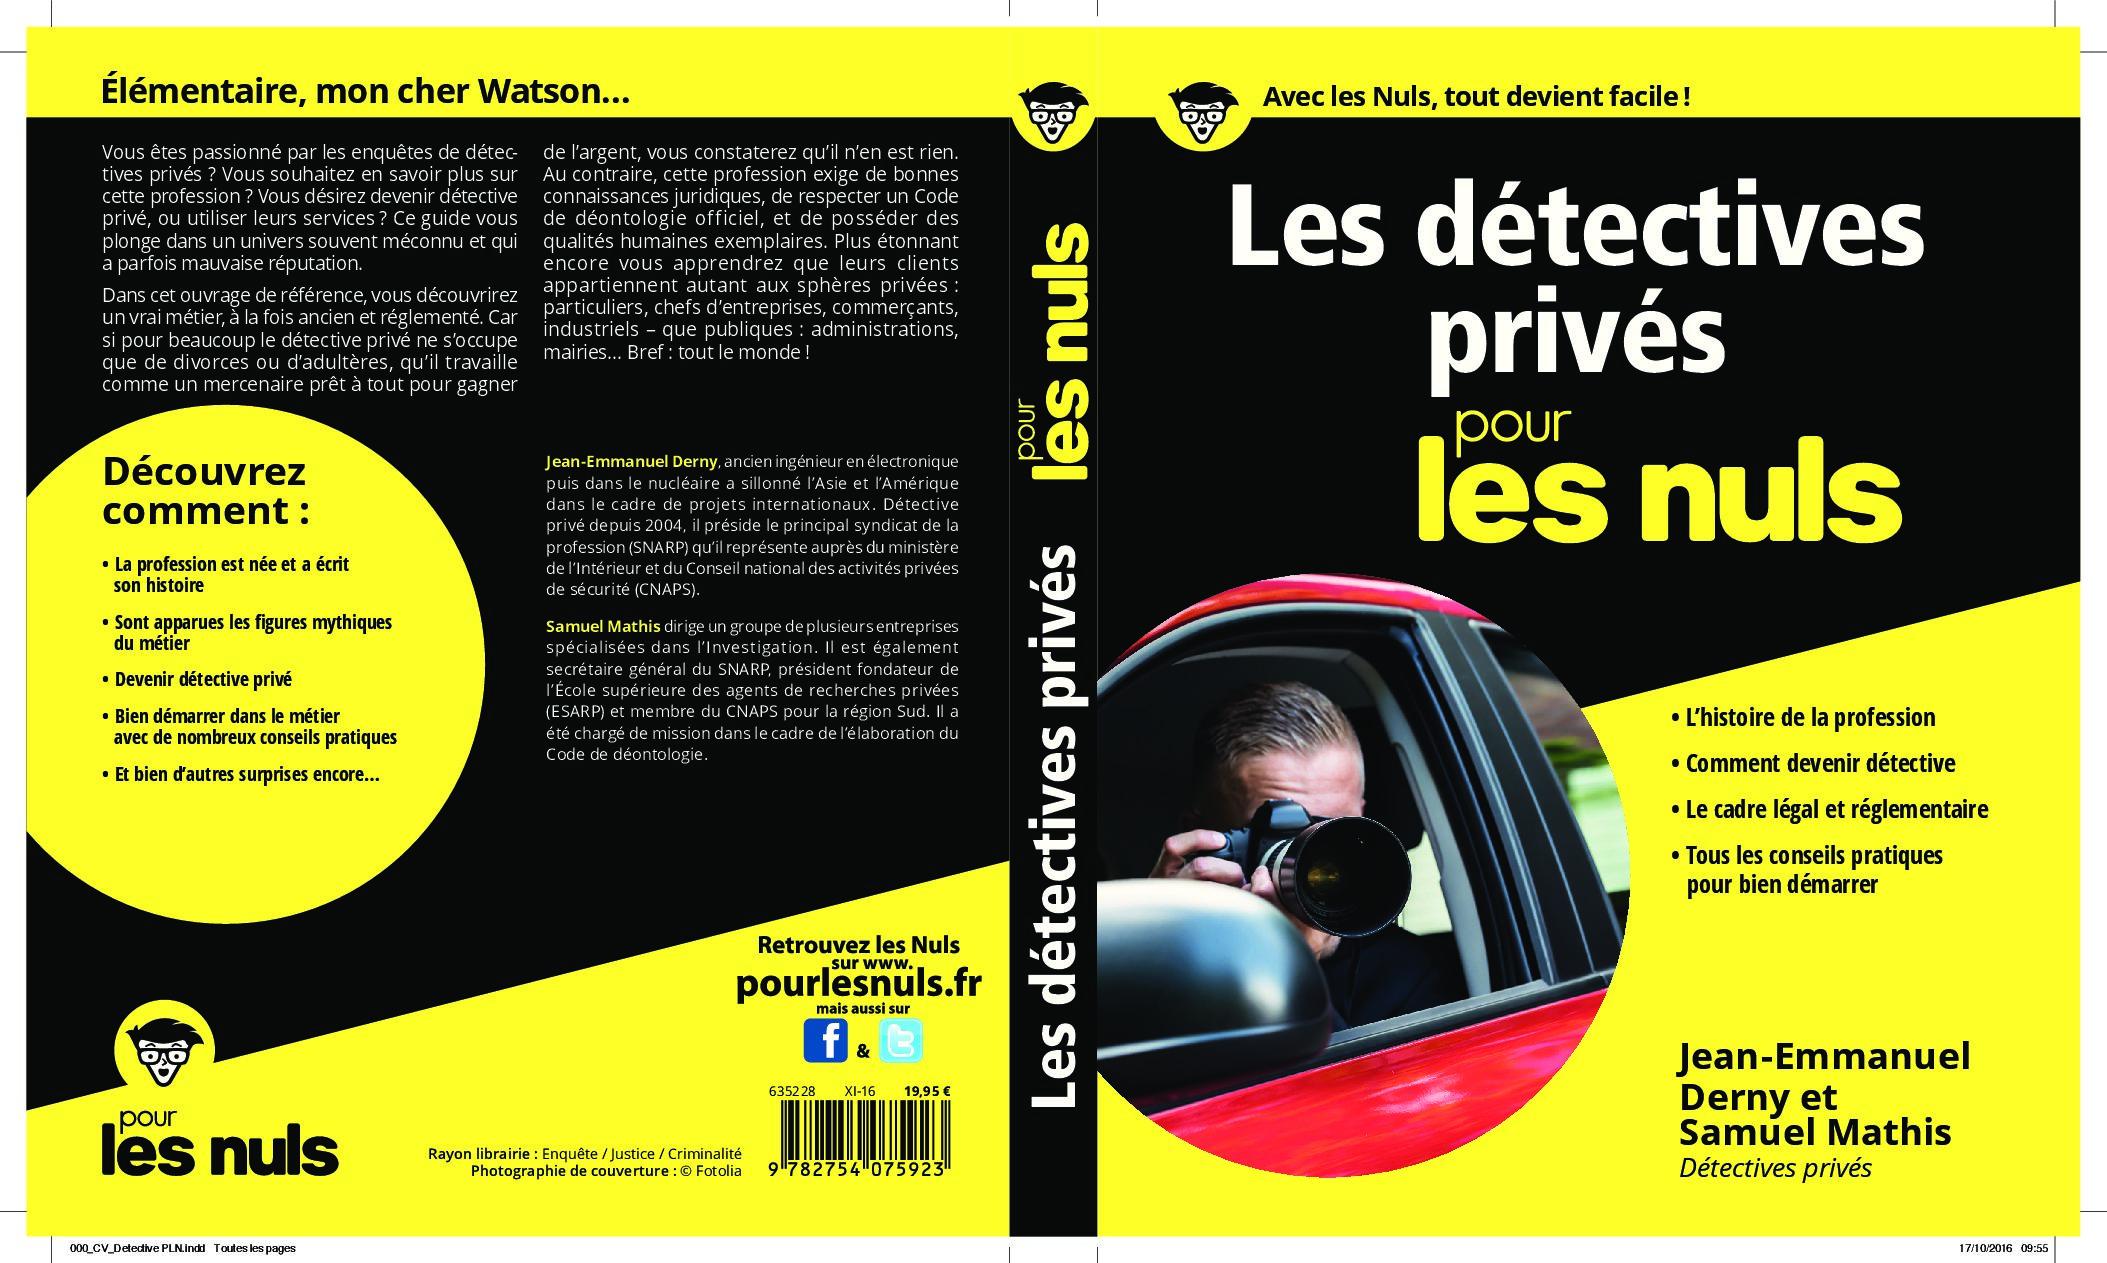 """""""Elémentaire mon cher Watson"""" : Les détectives privés pour les nuls"""